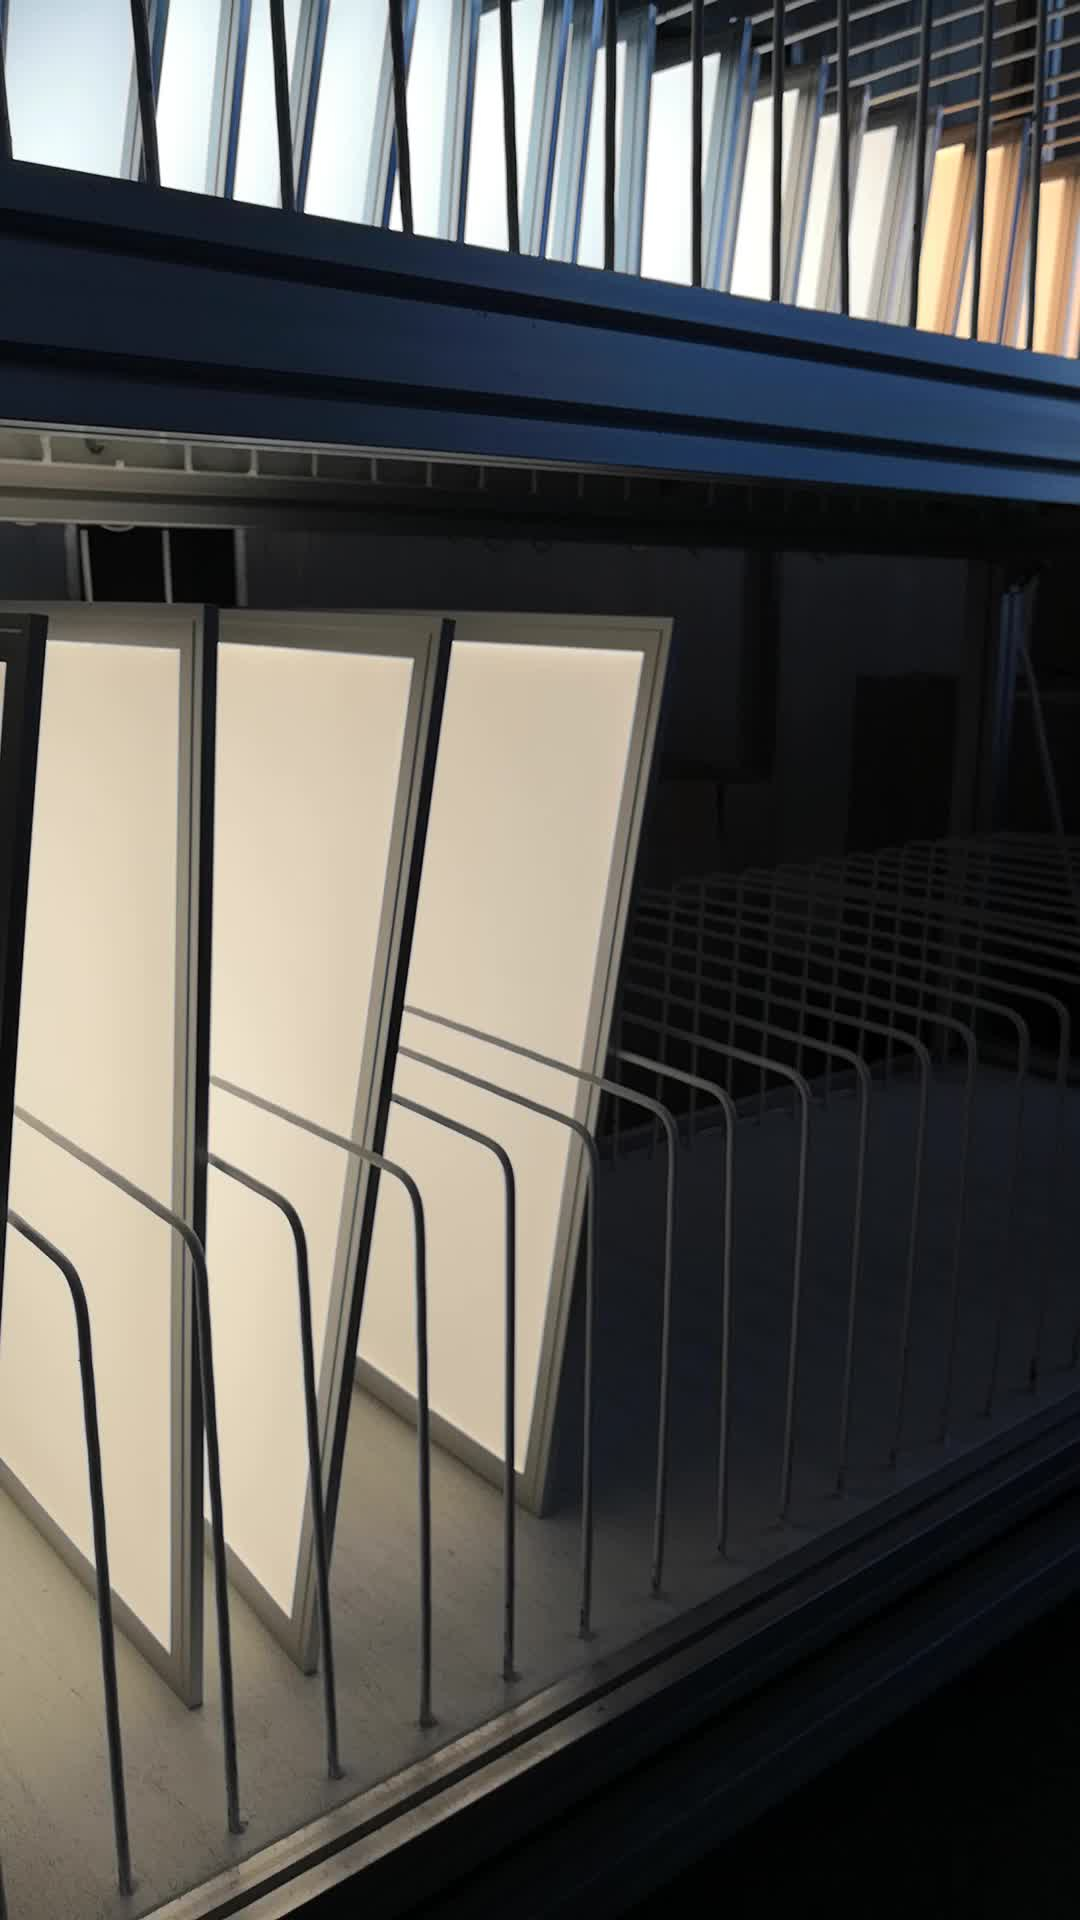 중국 공장 도매 높은 밝기 광장 모양 4014 SMD 실내 조명 36 와트 48 와트 빛 Led 패널